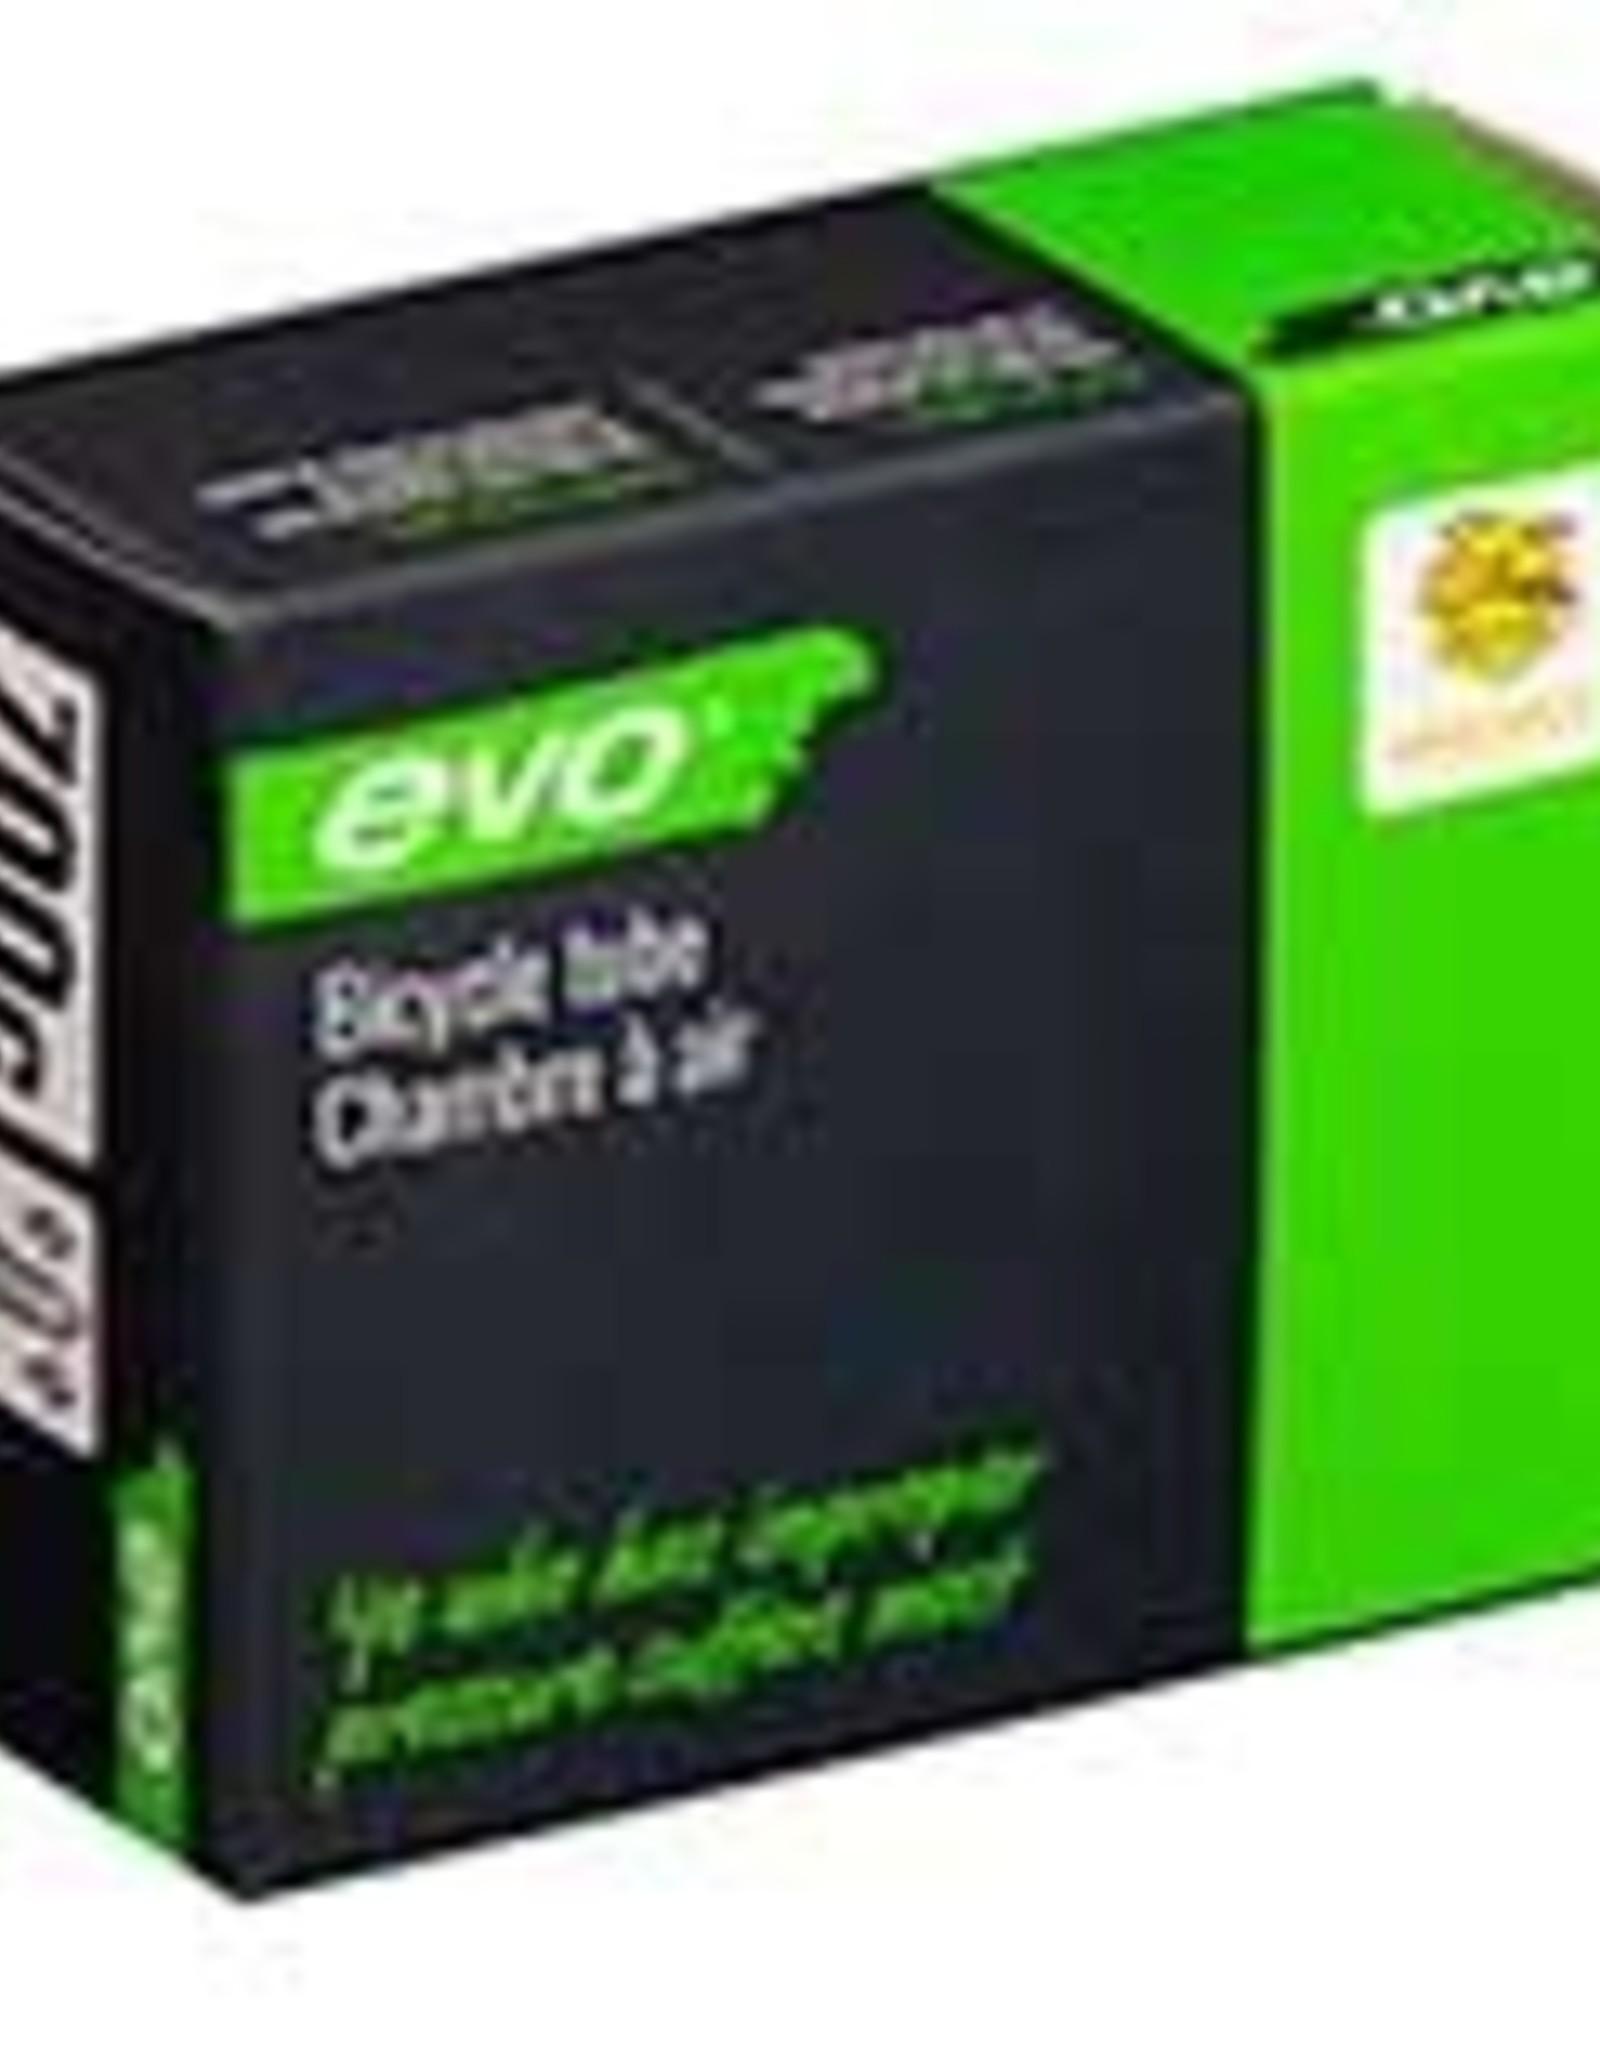 EVO EVO, Presta, Chambre a air, Presta, Longueur: 60mm, 700C, 23-25C